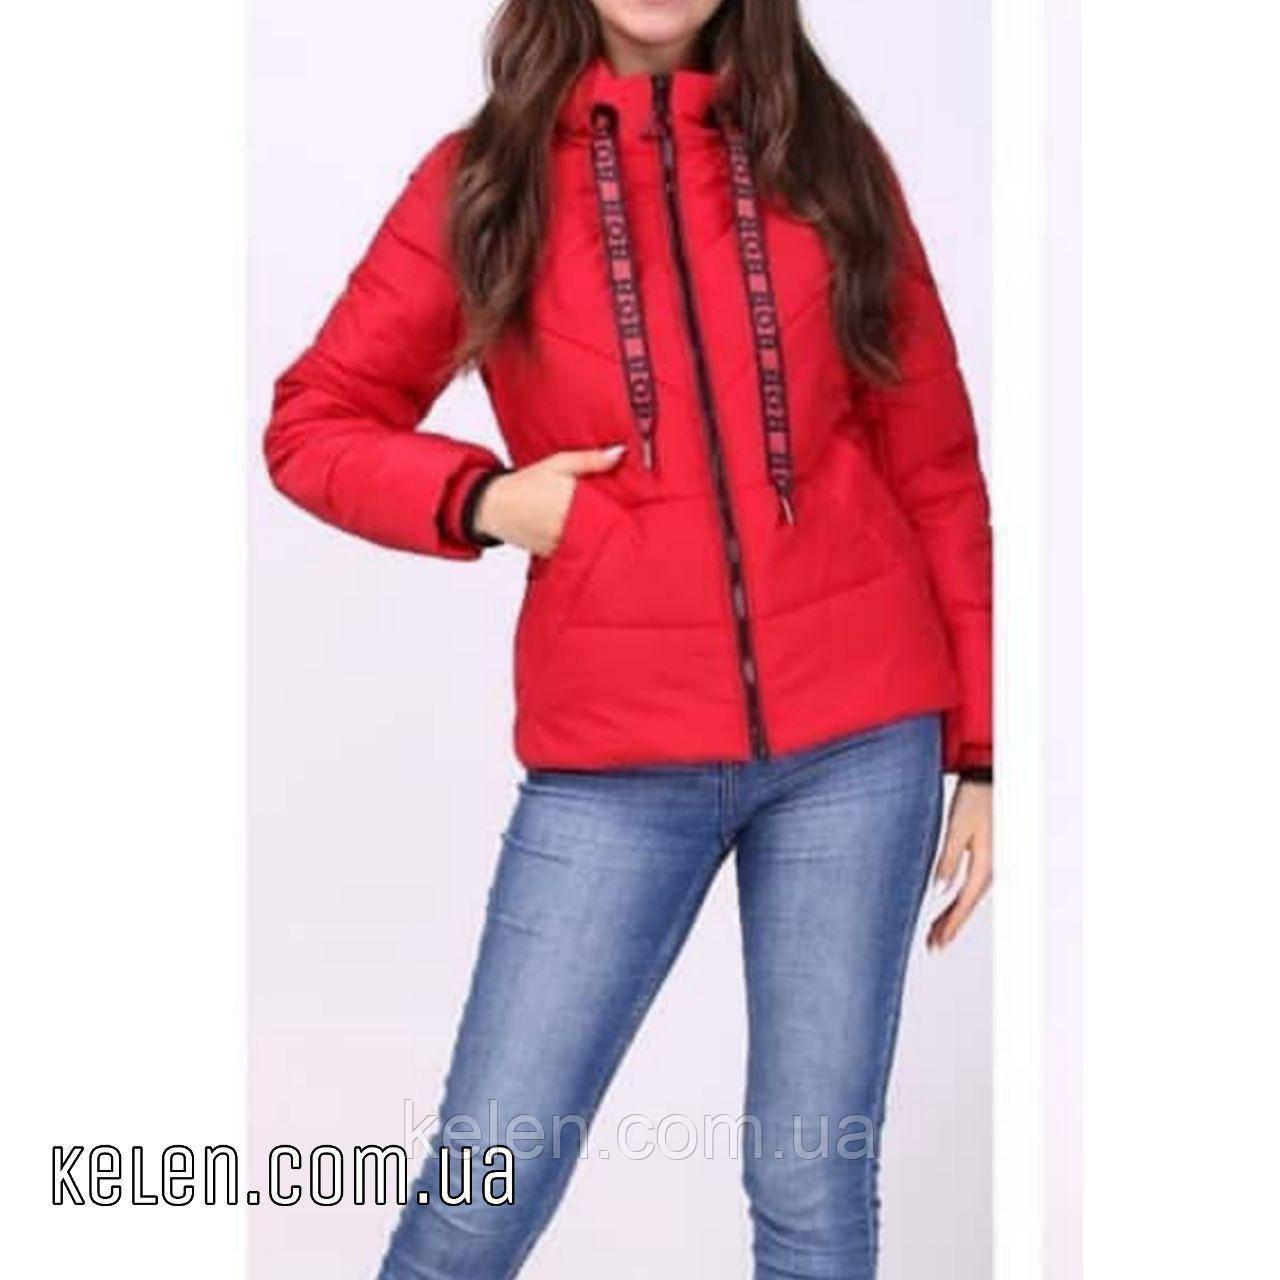 Демисезонная укороченая куртка  красного цвета 42-44